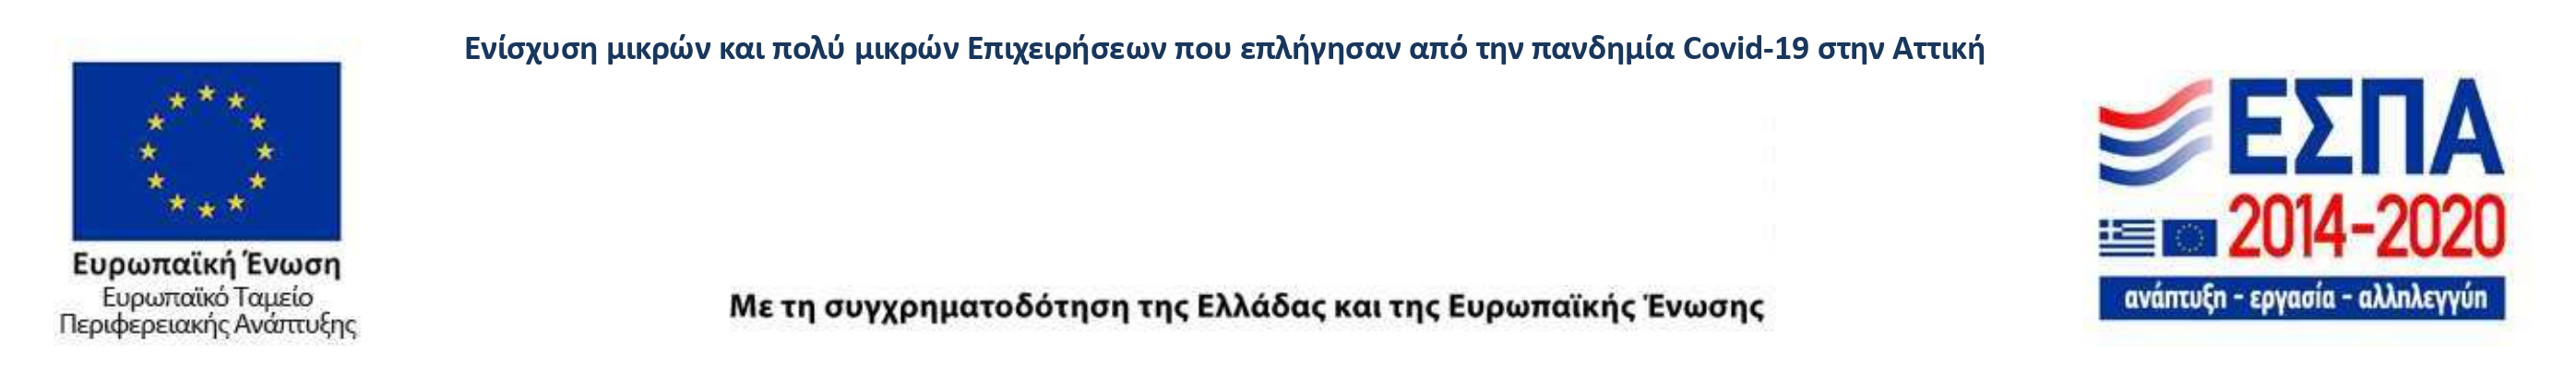 ΕΣΠΑ Covid